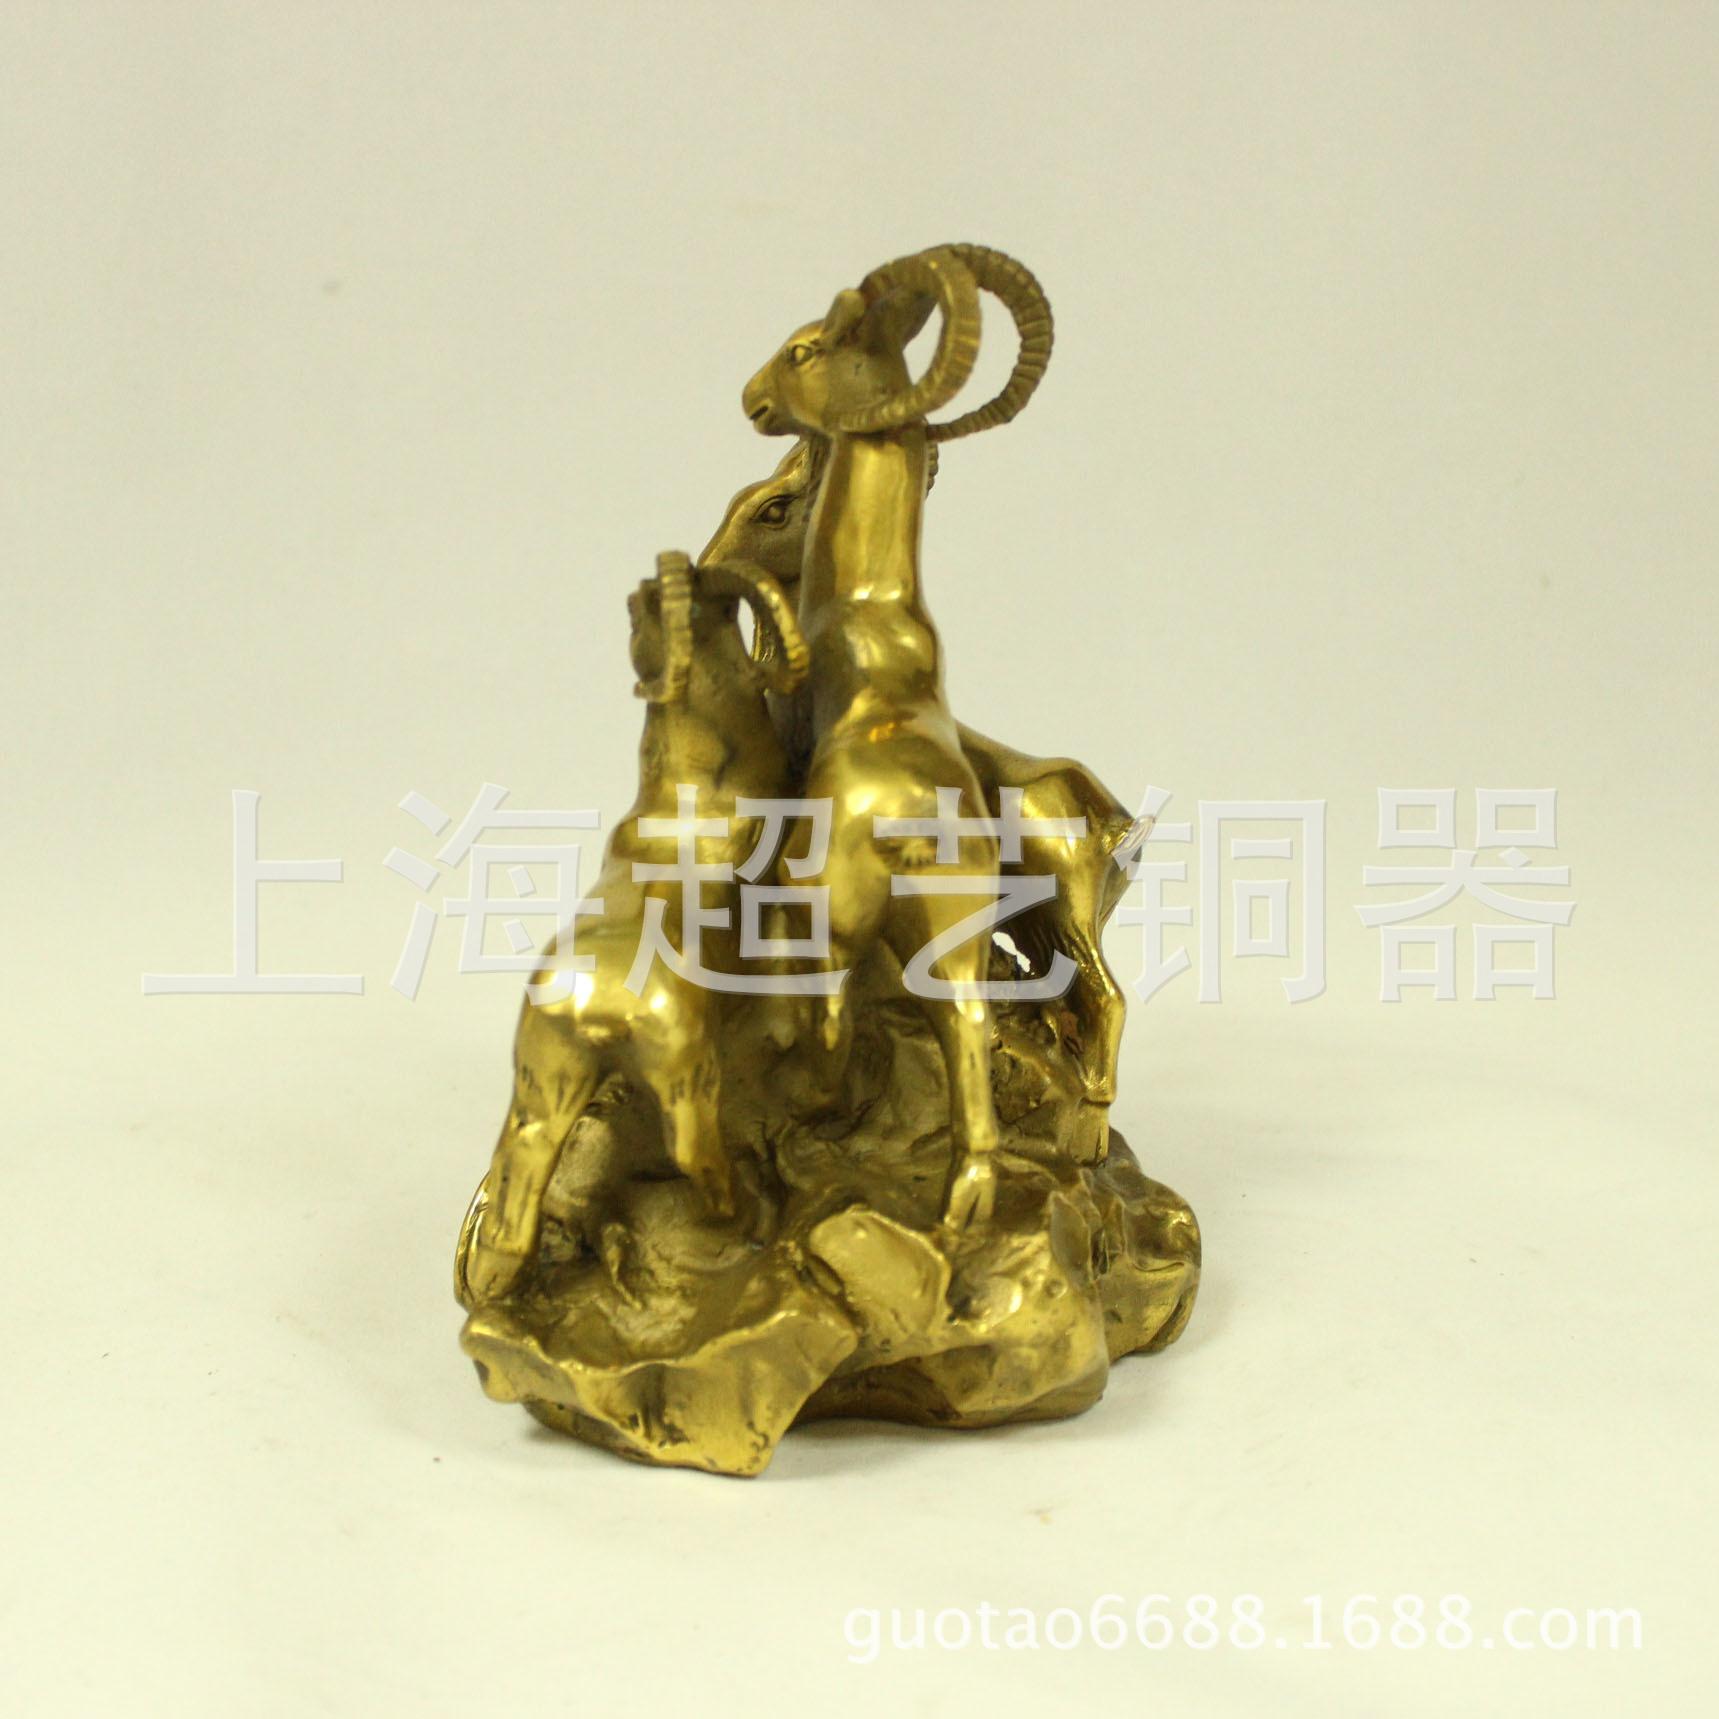 开光纯铜三阳开泰三羊开泰摆件金属工艺品风水家居饰品铜器批发 -价